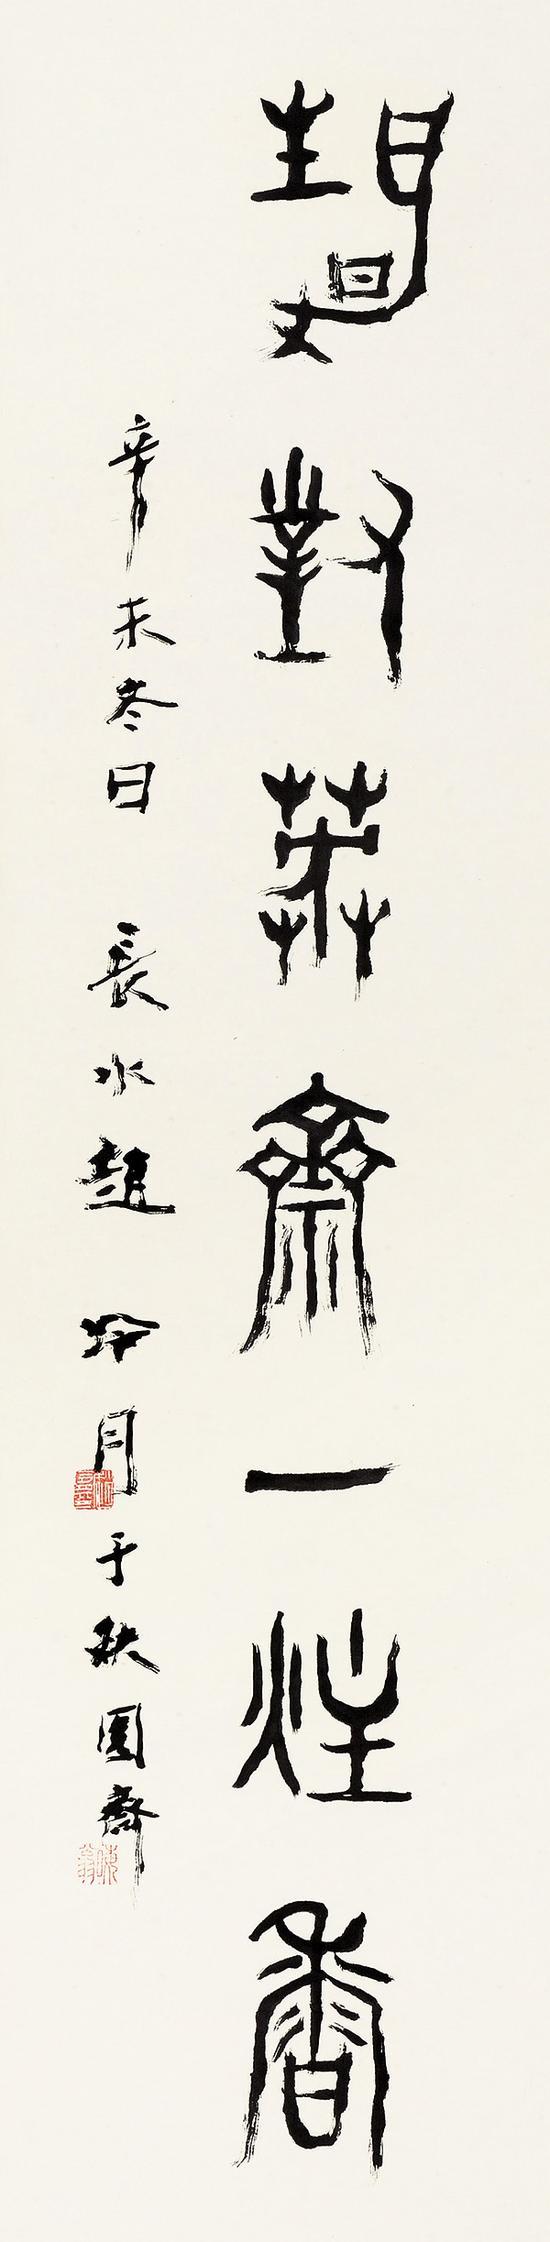 赵冷月篆书 《重装静对七言联(下)》